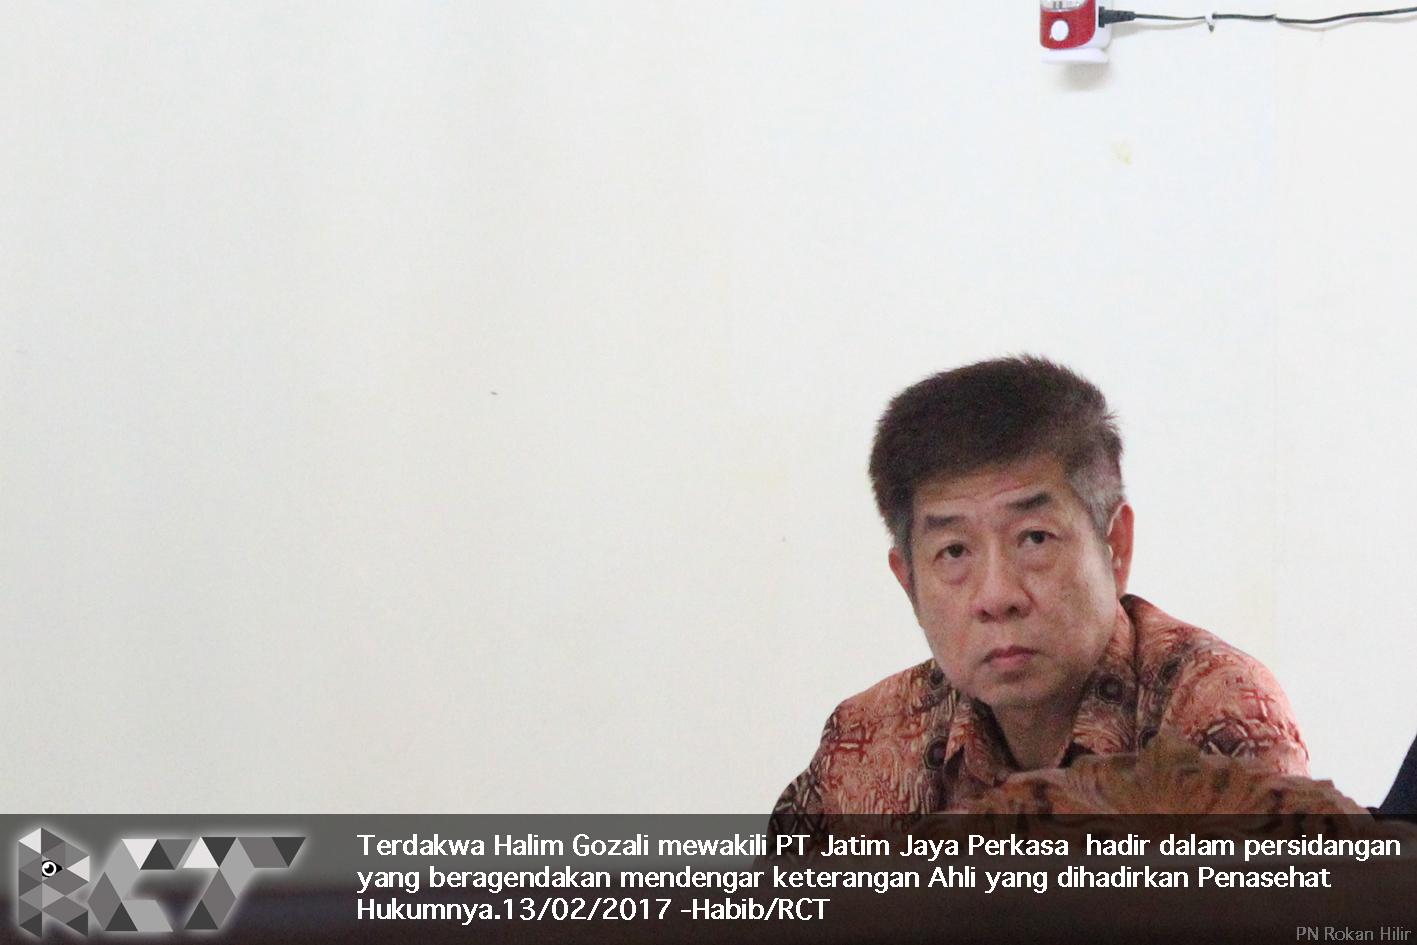 Terdakwa Hali Gozali 13-02-2017